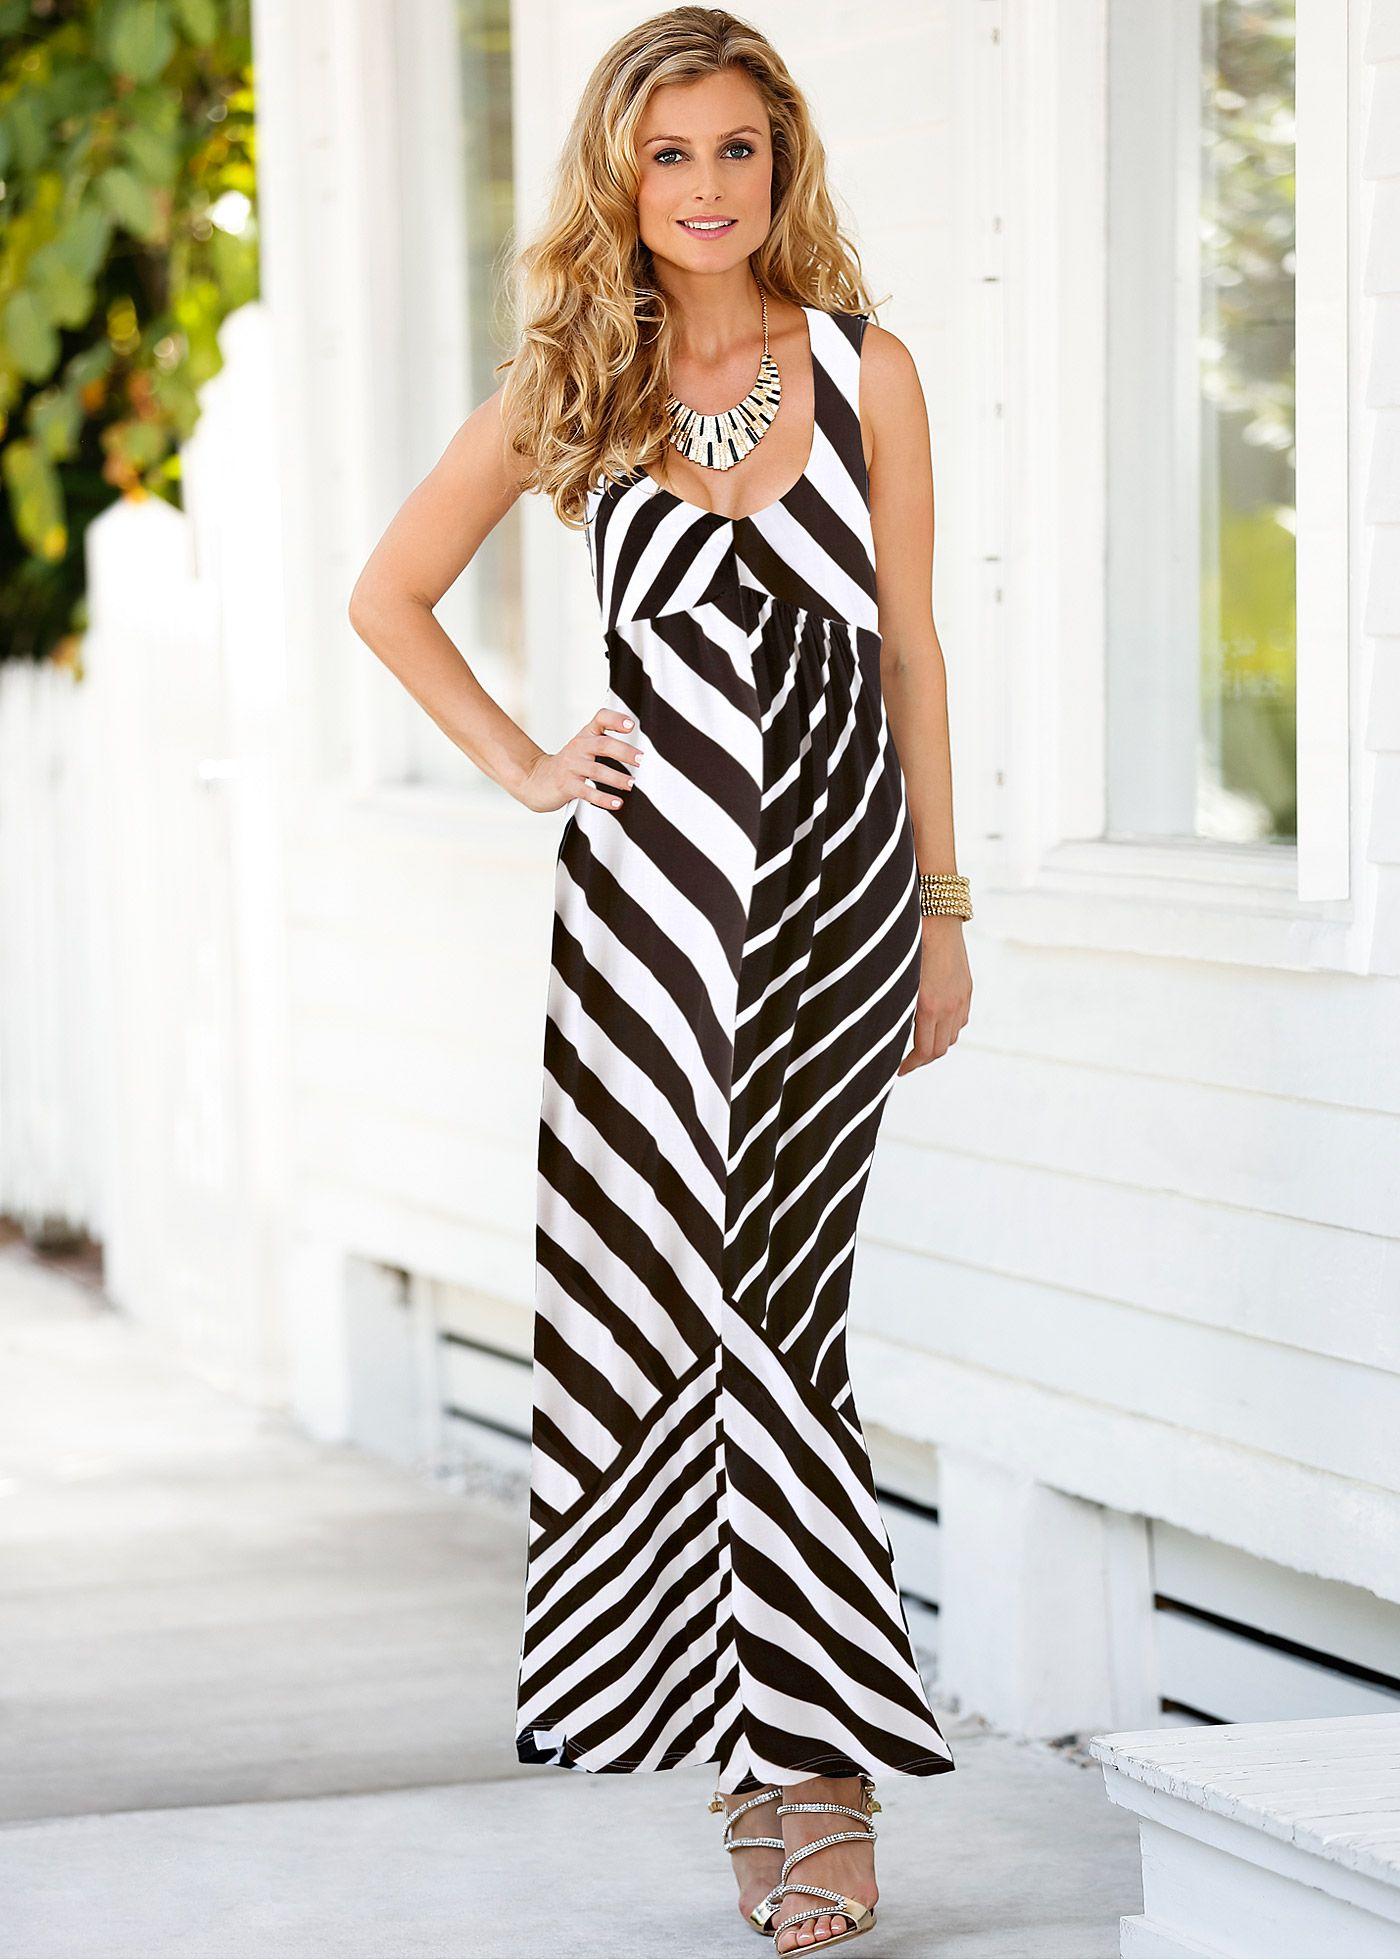 bbf41dfdb Vestido de malha longo preto/branco encomendar agora na loja on-line bonprix.de  R$ 129,00 a partir de Modelagem marcada, com diferentes padronagens .